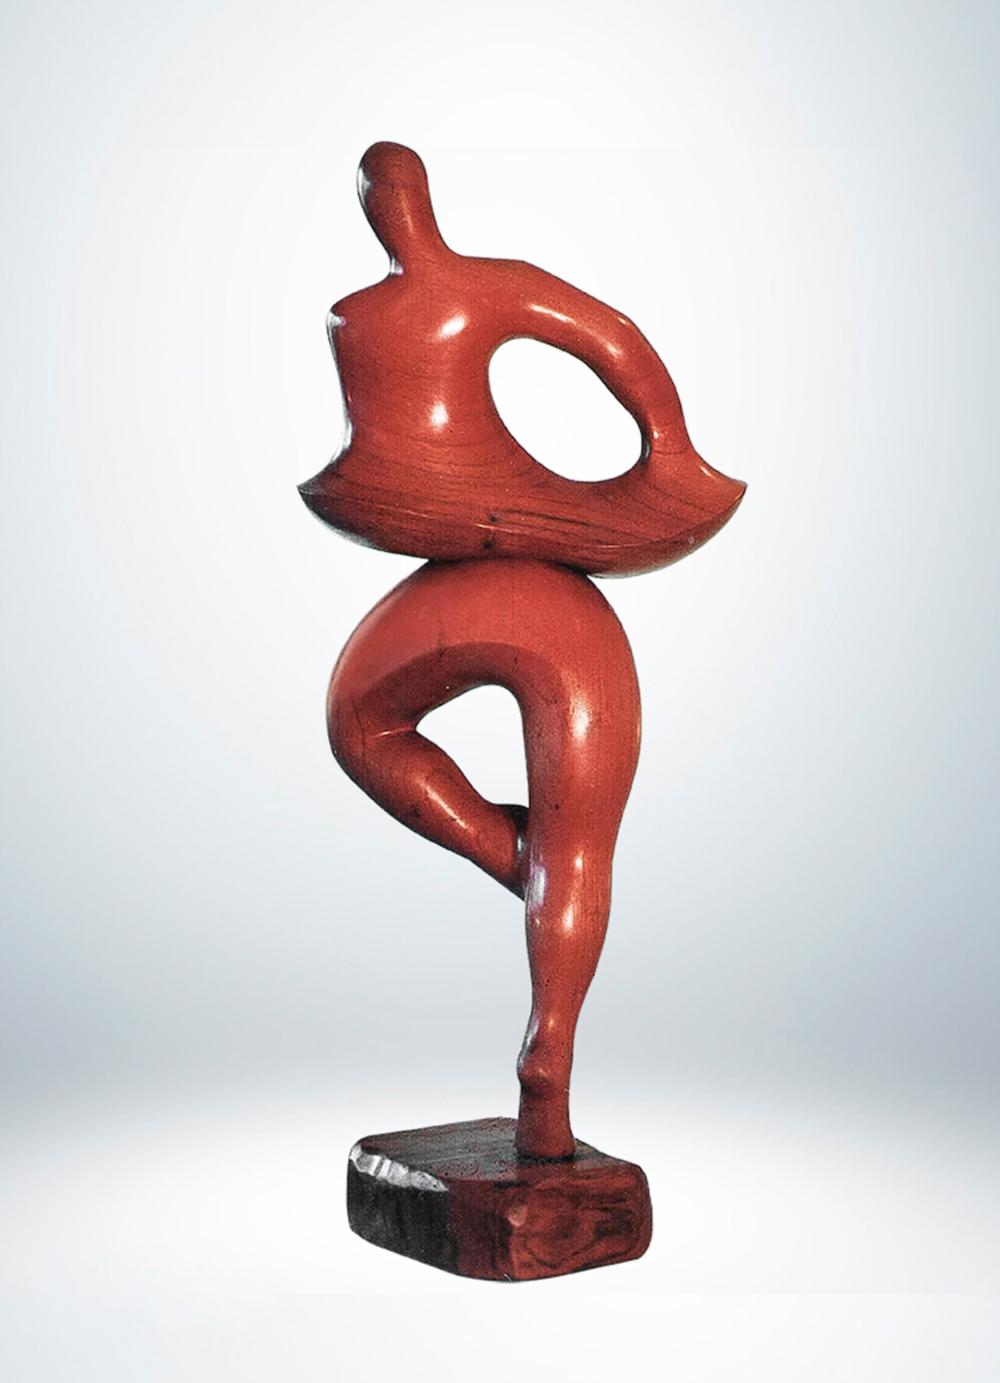 Escultura-Bailarin-Cedro-A-Figurativo-Abstracto-RD.Escultor